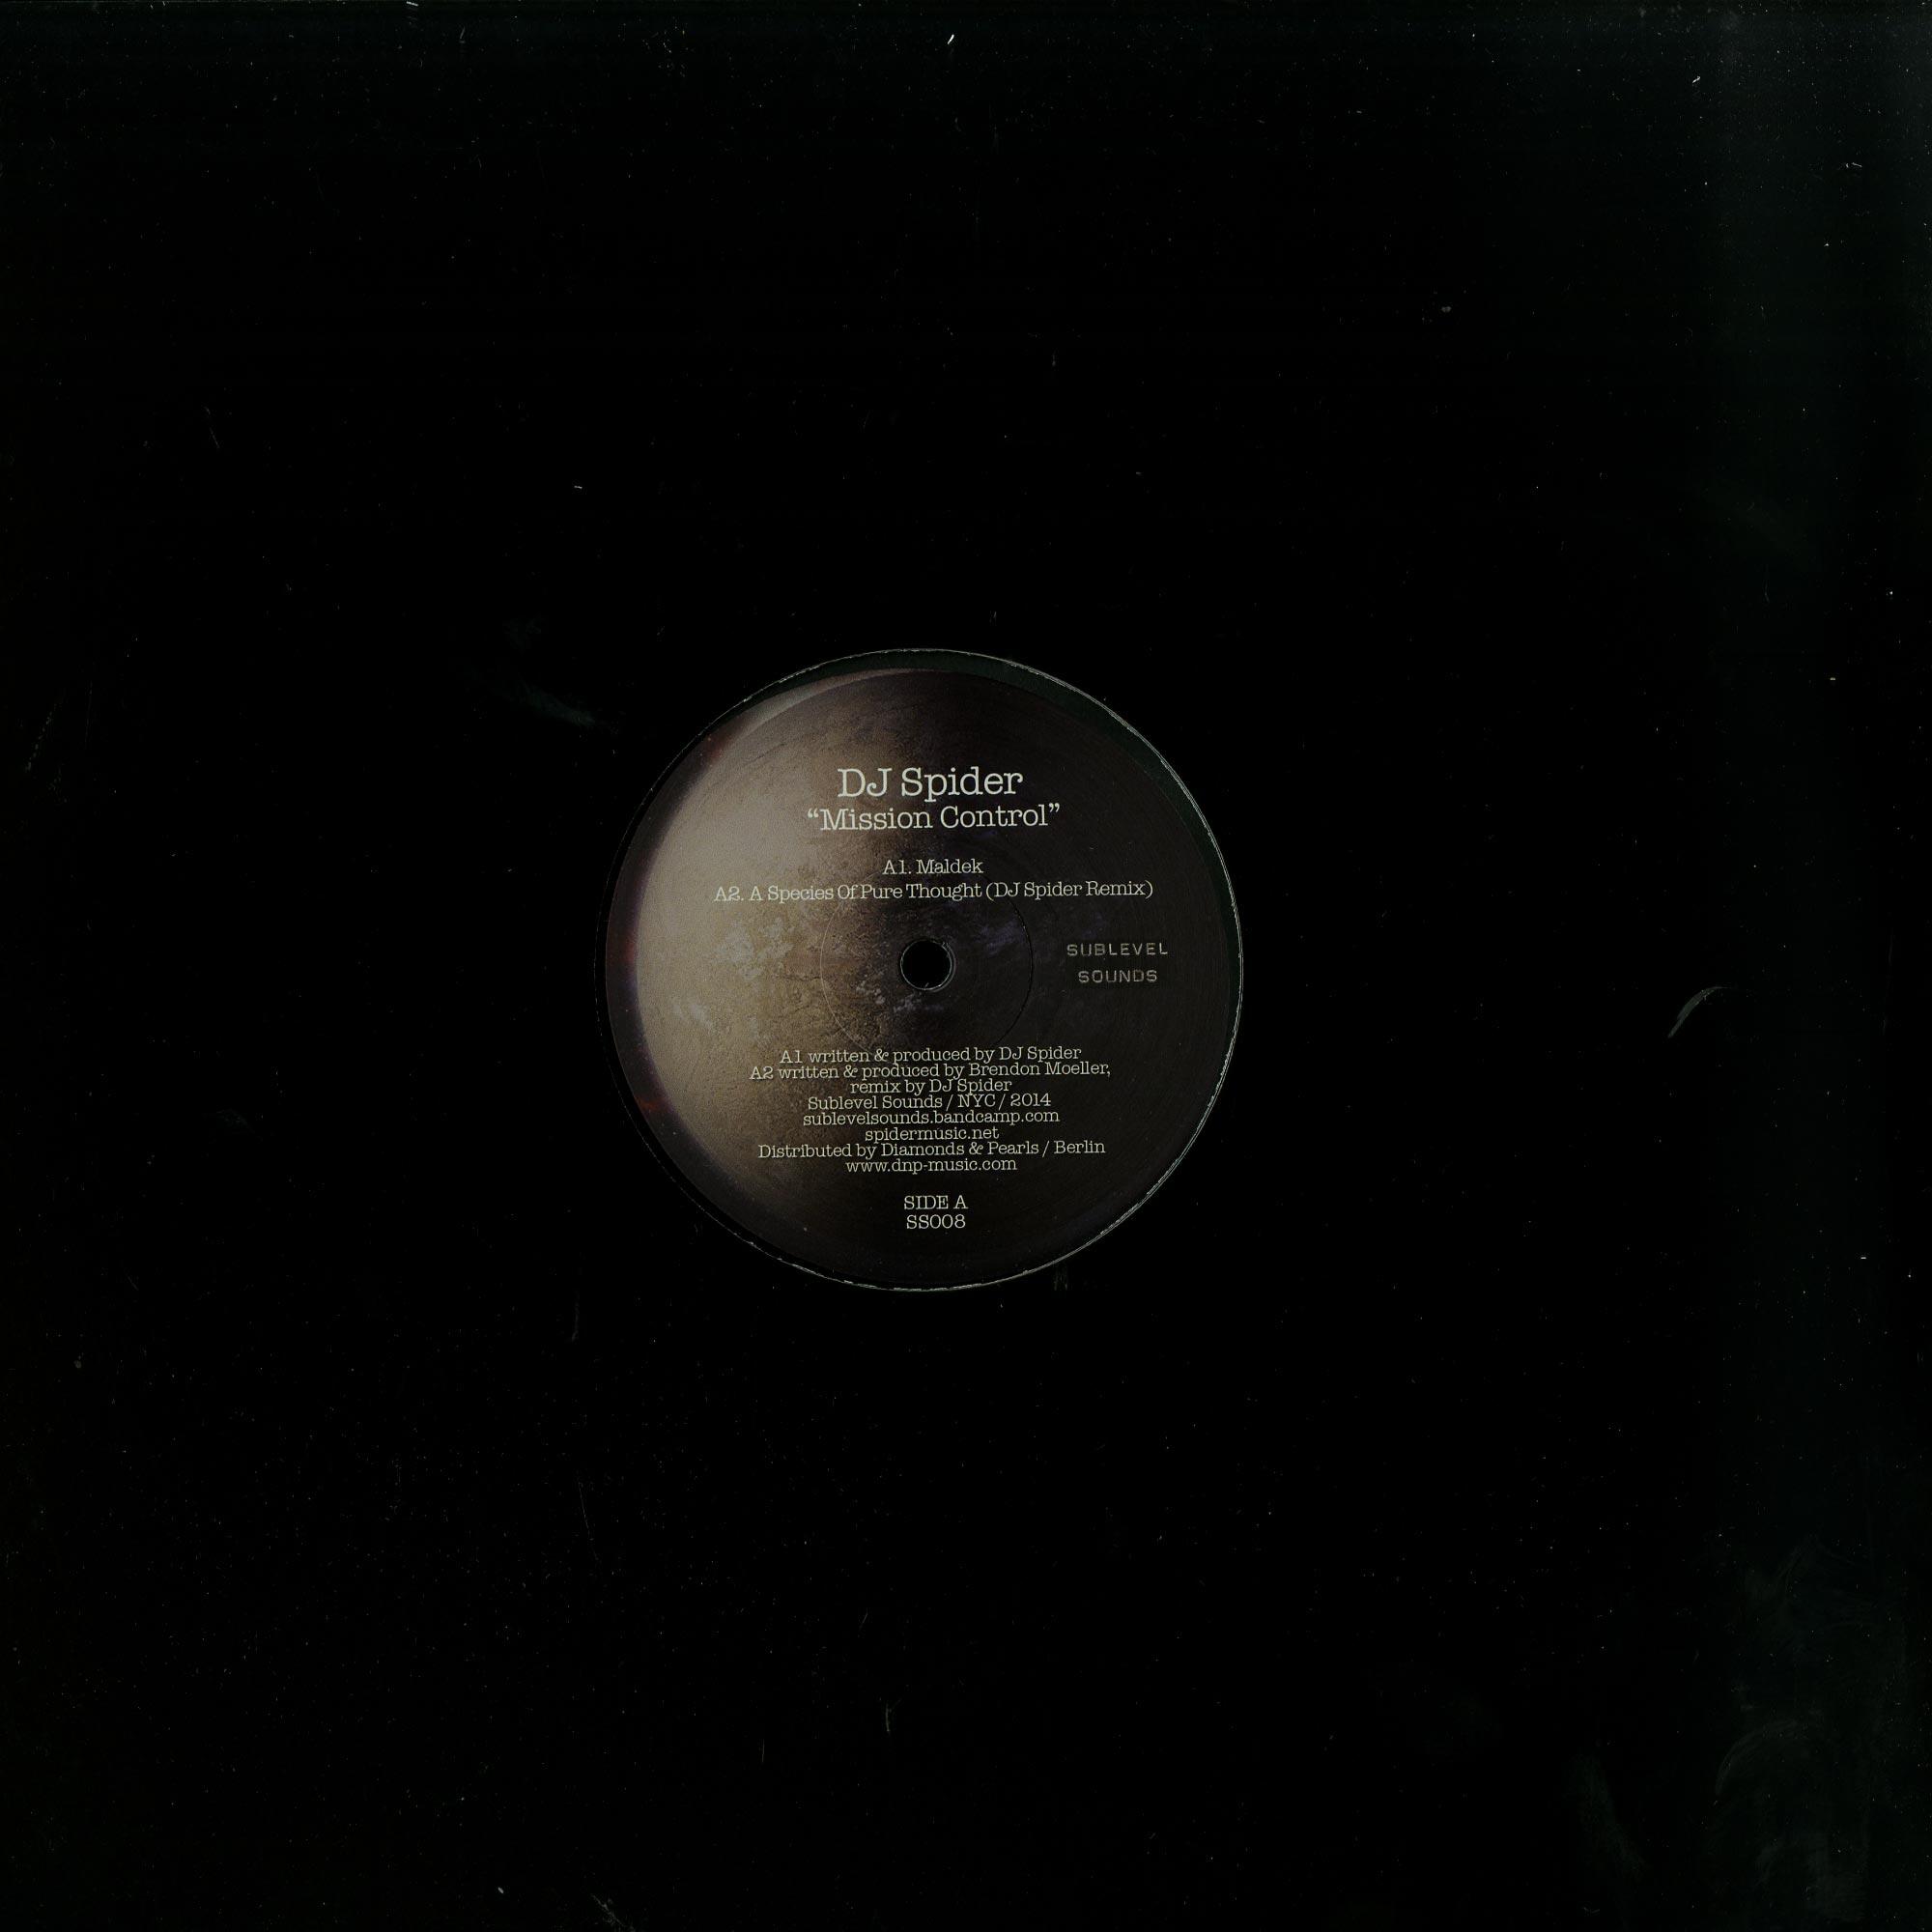 DJ Spider / Brendon Moeller - Mission Control